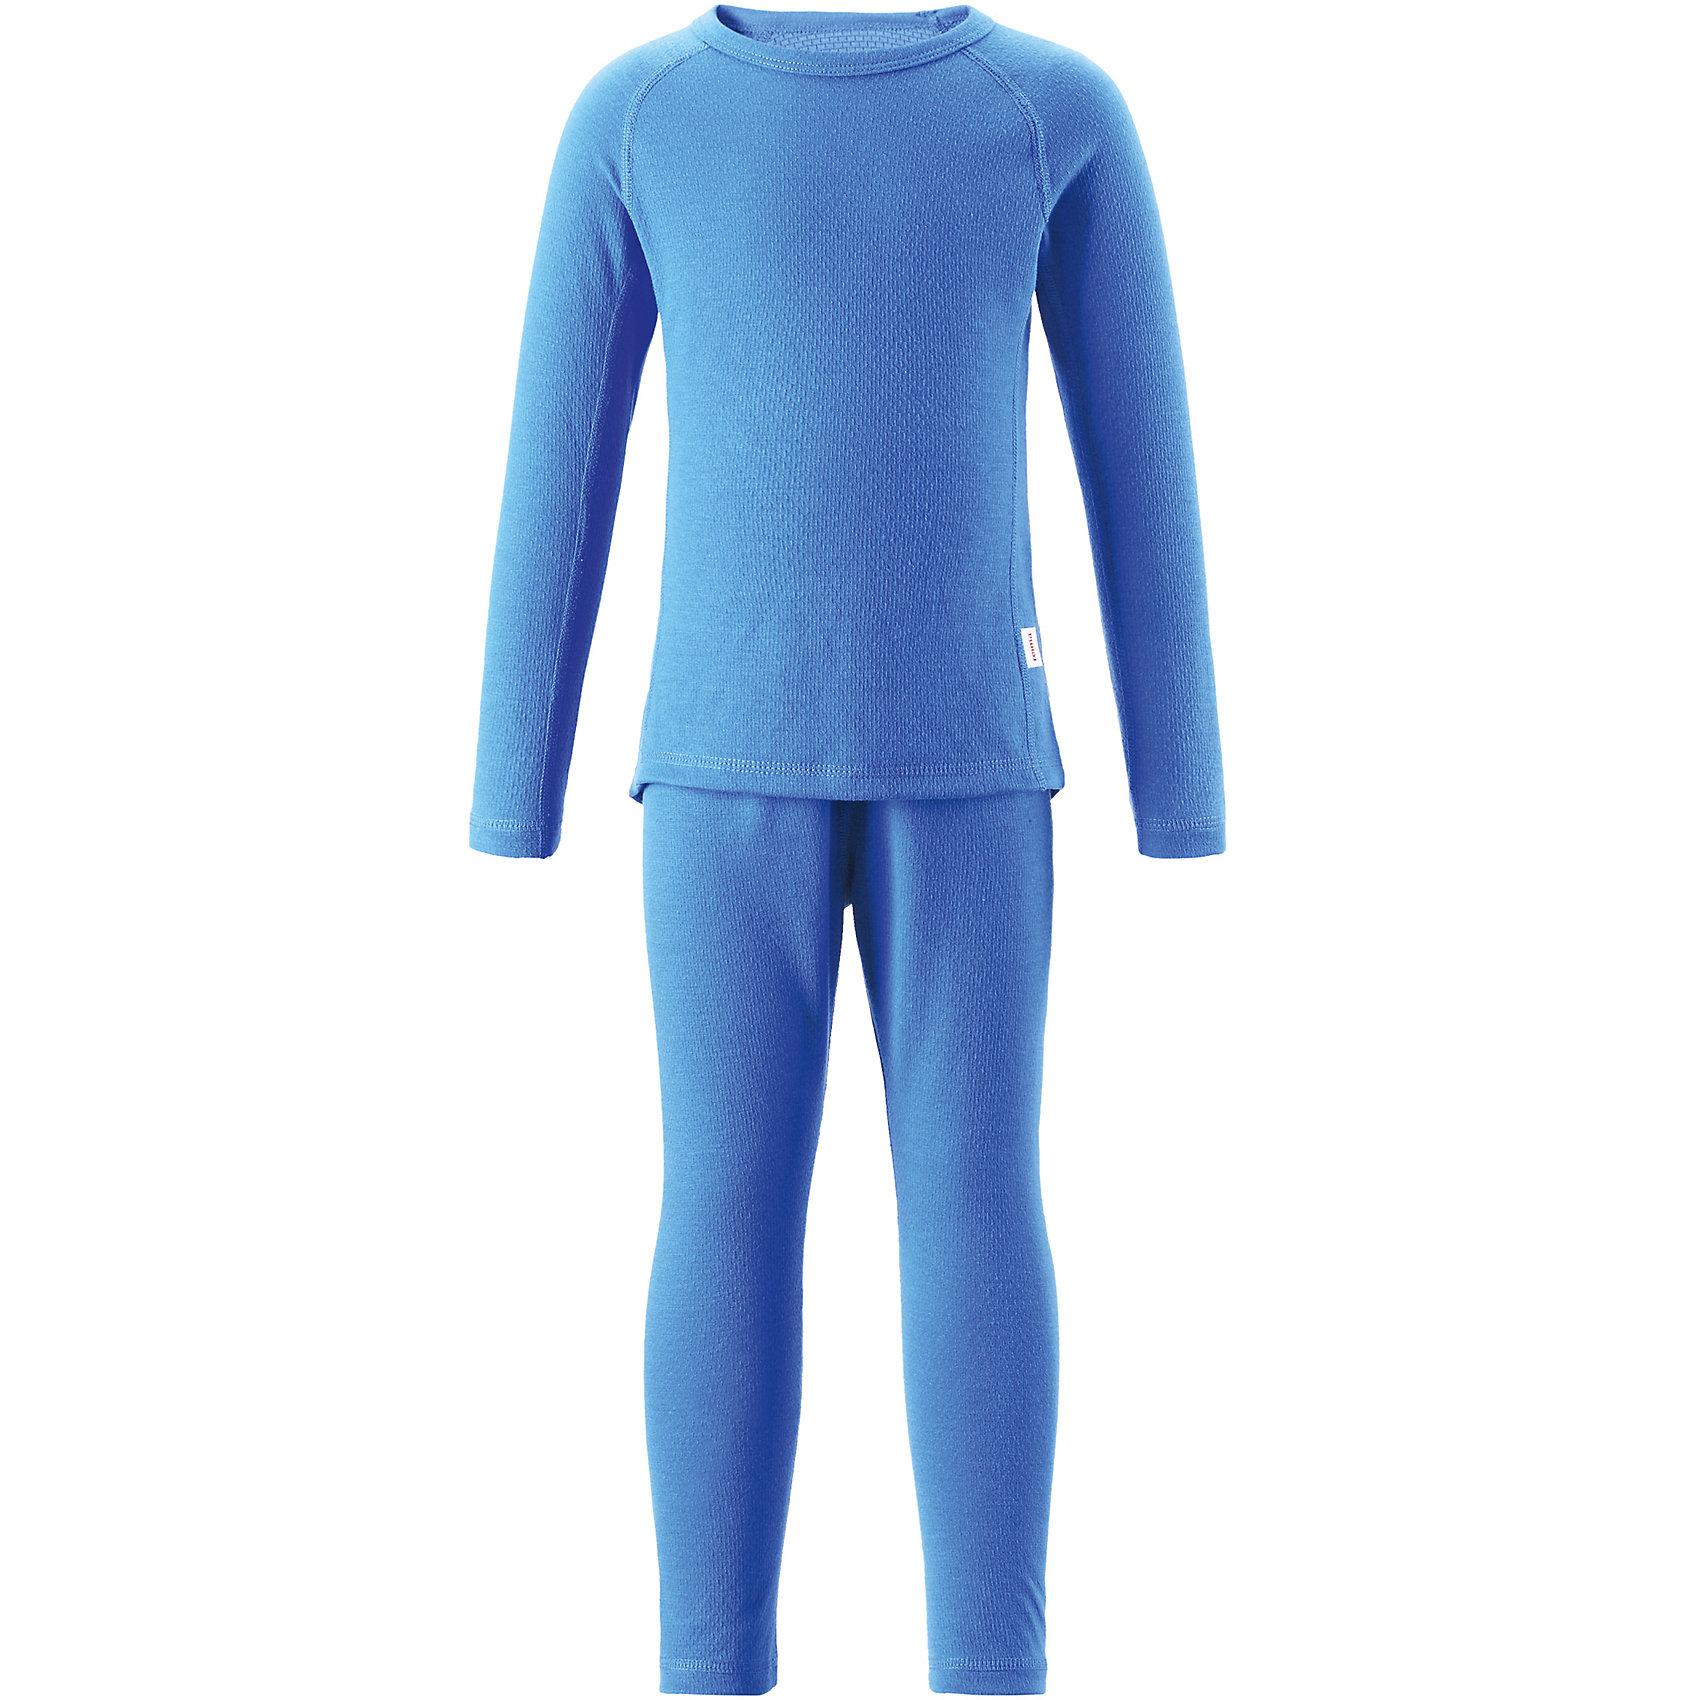 Термобелье Lani для мальчика ReimaОдежда<br>Термобелье для мальчика Reima.<br>Комплект базового слоя для подростков. Теплый материал Thermolite отводит влагу и сохраняет кожу сухой и приятной, создавая чувство комфорта. Быстро сохнет и сохраняет тепло. Мягкие плоские швы для дополнительного комфорта: не раздражает кожу. Удлиненный подол сзади.<br>Уход:<br>Стирать с бельем одинакового цвета, вывернув наизнанку. Стирать моющим средством, не содержащим отбеливающие вещества. Полоскать без специального средства. Придать первоначальную форму вo влажном виде. Сушить при низкой температуре. <br>Состав:<br>43% полиэстер THERMOLITE®, 53% полиэстер, 4% sorona<br><br>Ширина мм: 215<br>Глубина мм: 88<br>Высота мм: 191<br>Вес г: 336<br>Цвет: голубой<br>Возраст от месяцев: 72<br>Возраст до месяцев: 84<br>Пол: Мужской<br>Возраст: Детский<br>Размер: 140,80,130,90,120,110,100,150,160<br>SKU: 4775020